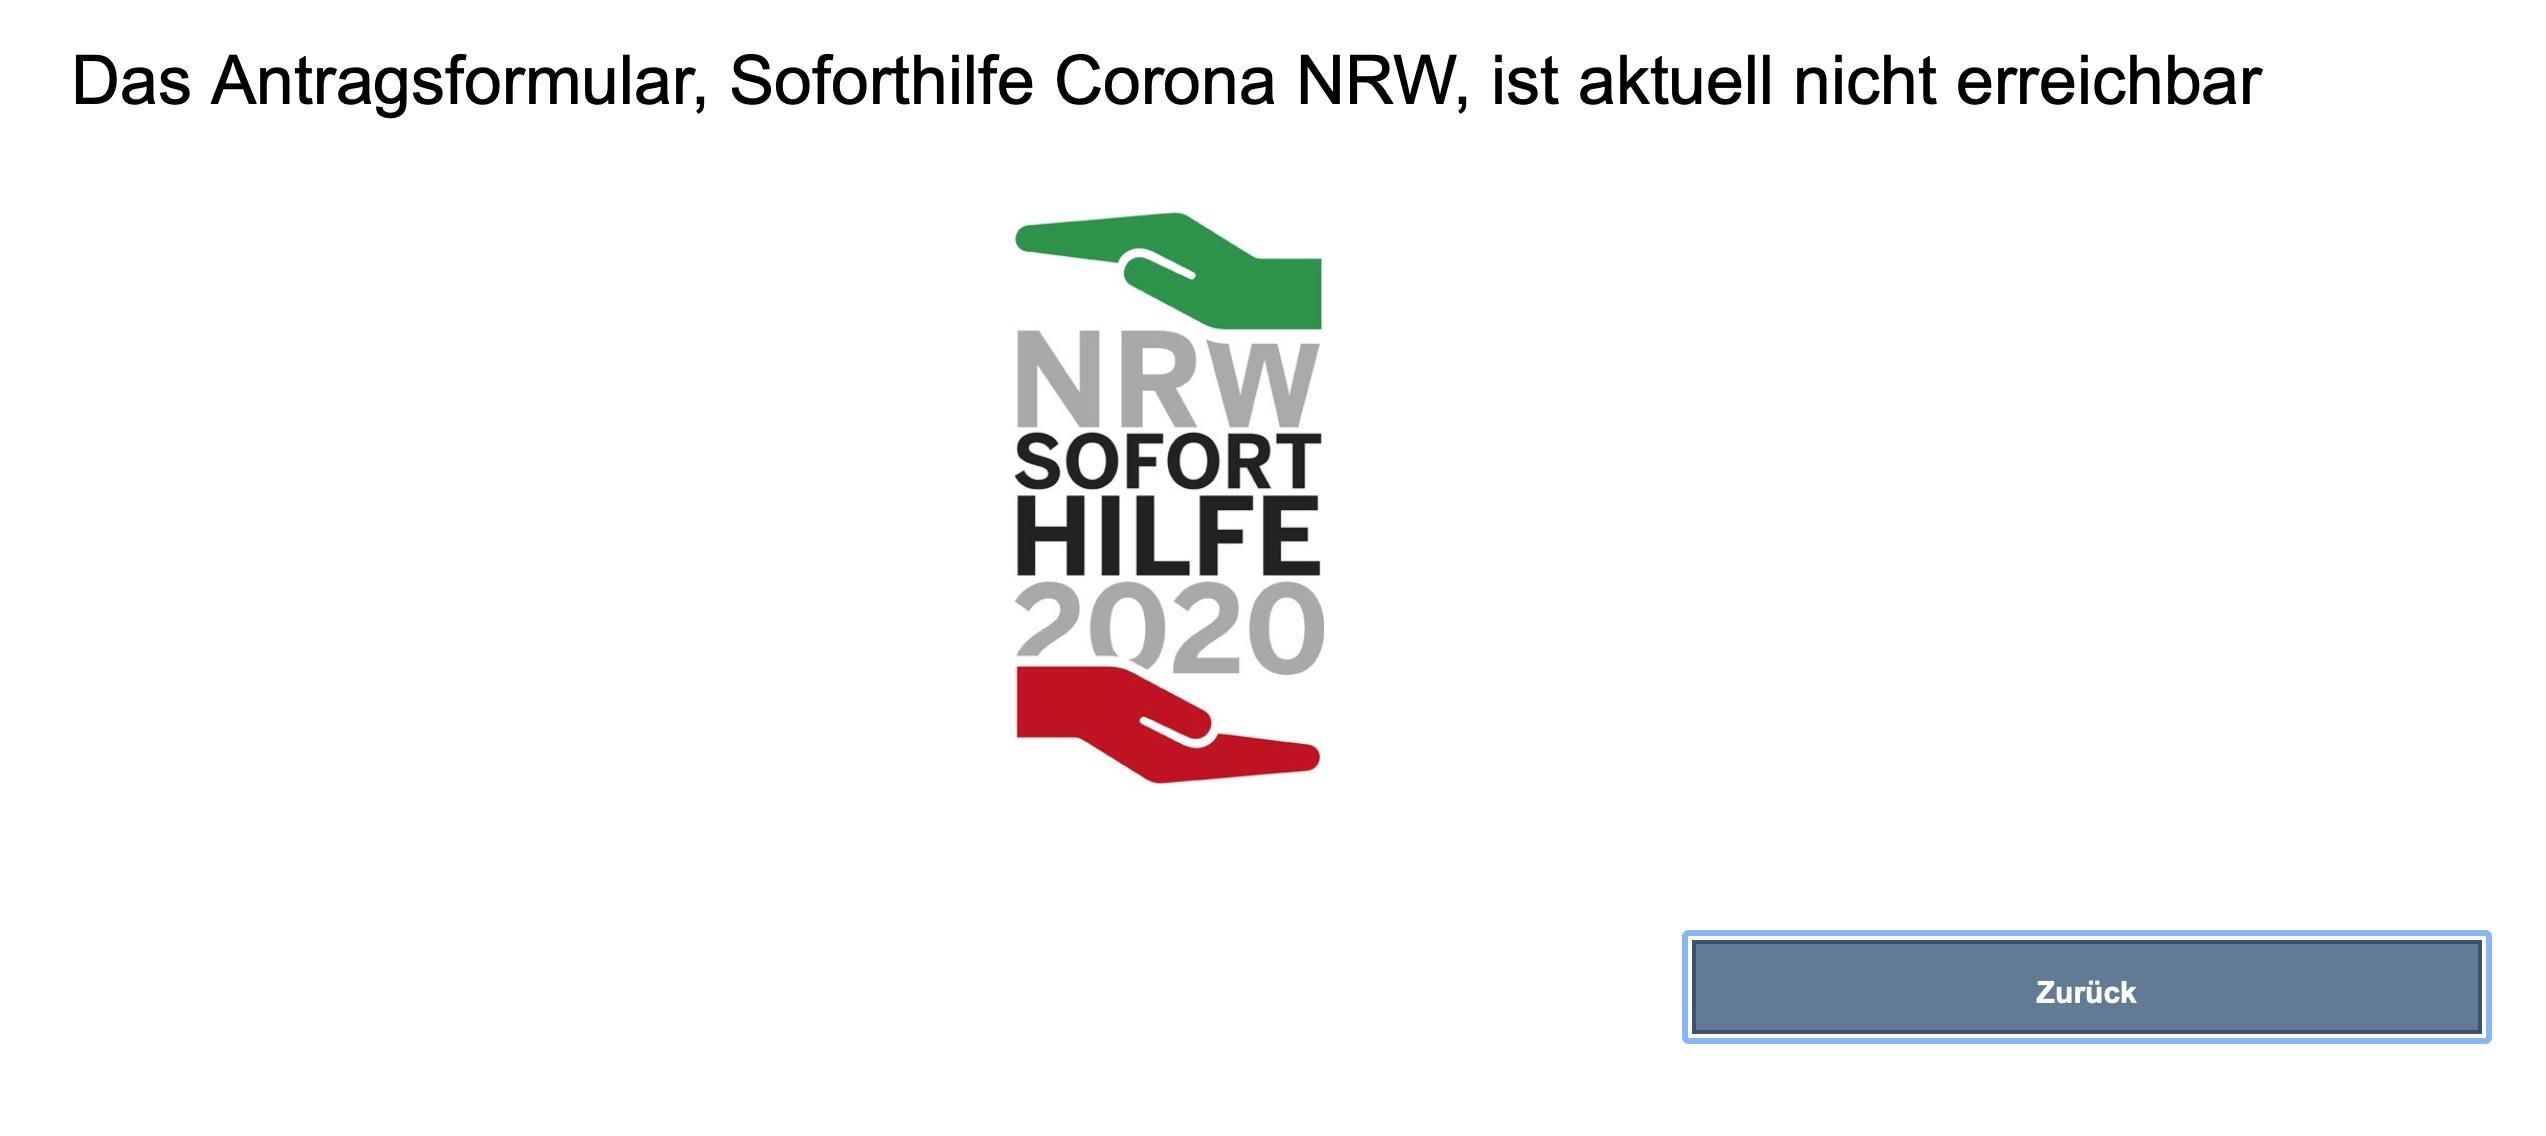 Abschaltung nach Corona-Soforthilfe-Betrug